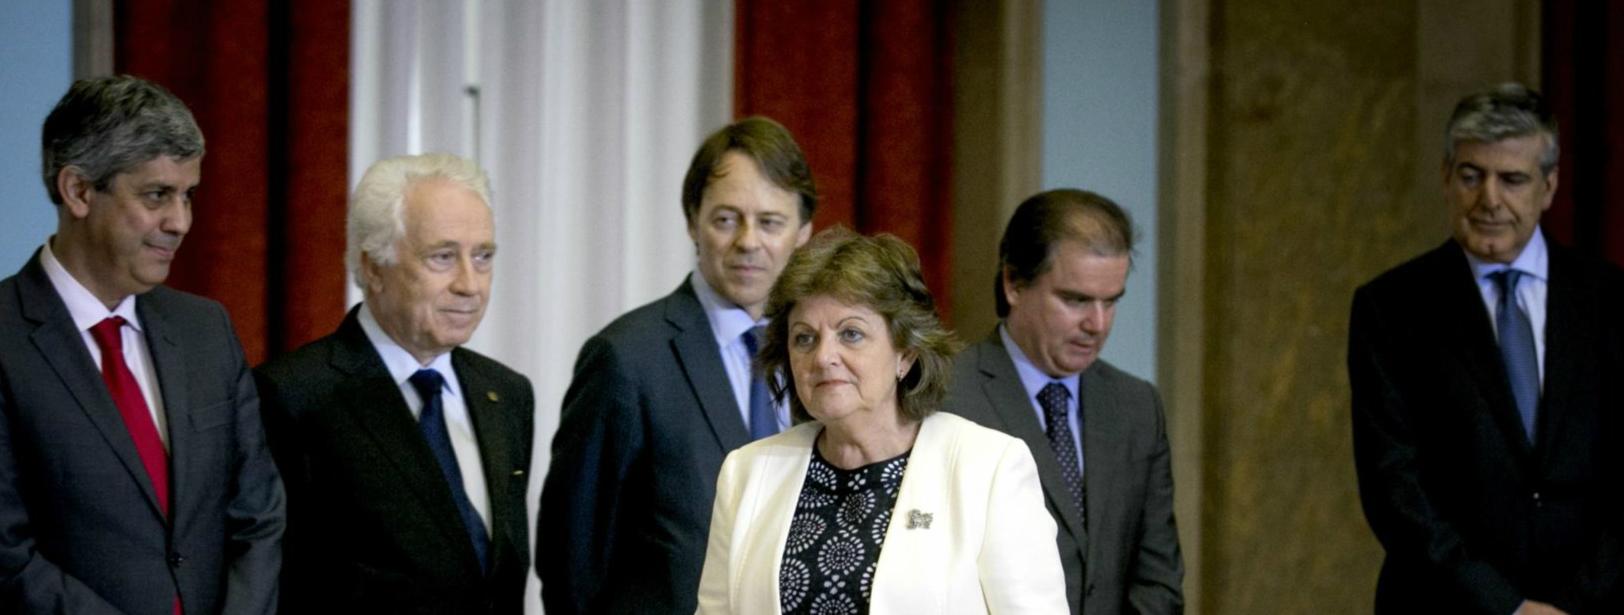 PÚBLICO - Governo quer mais uma mulher no topo do Banco de Portugal